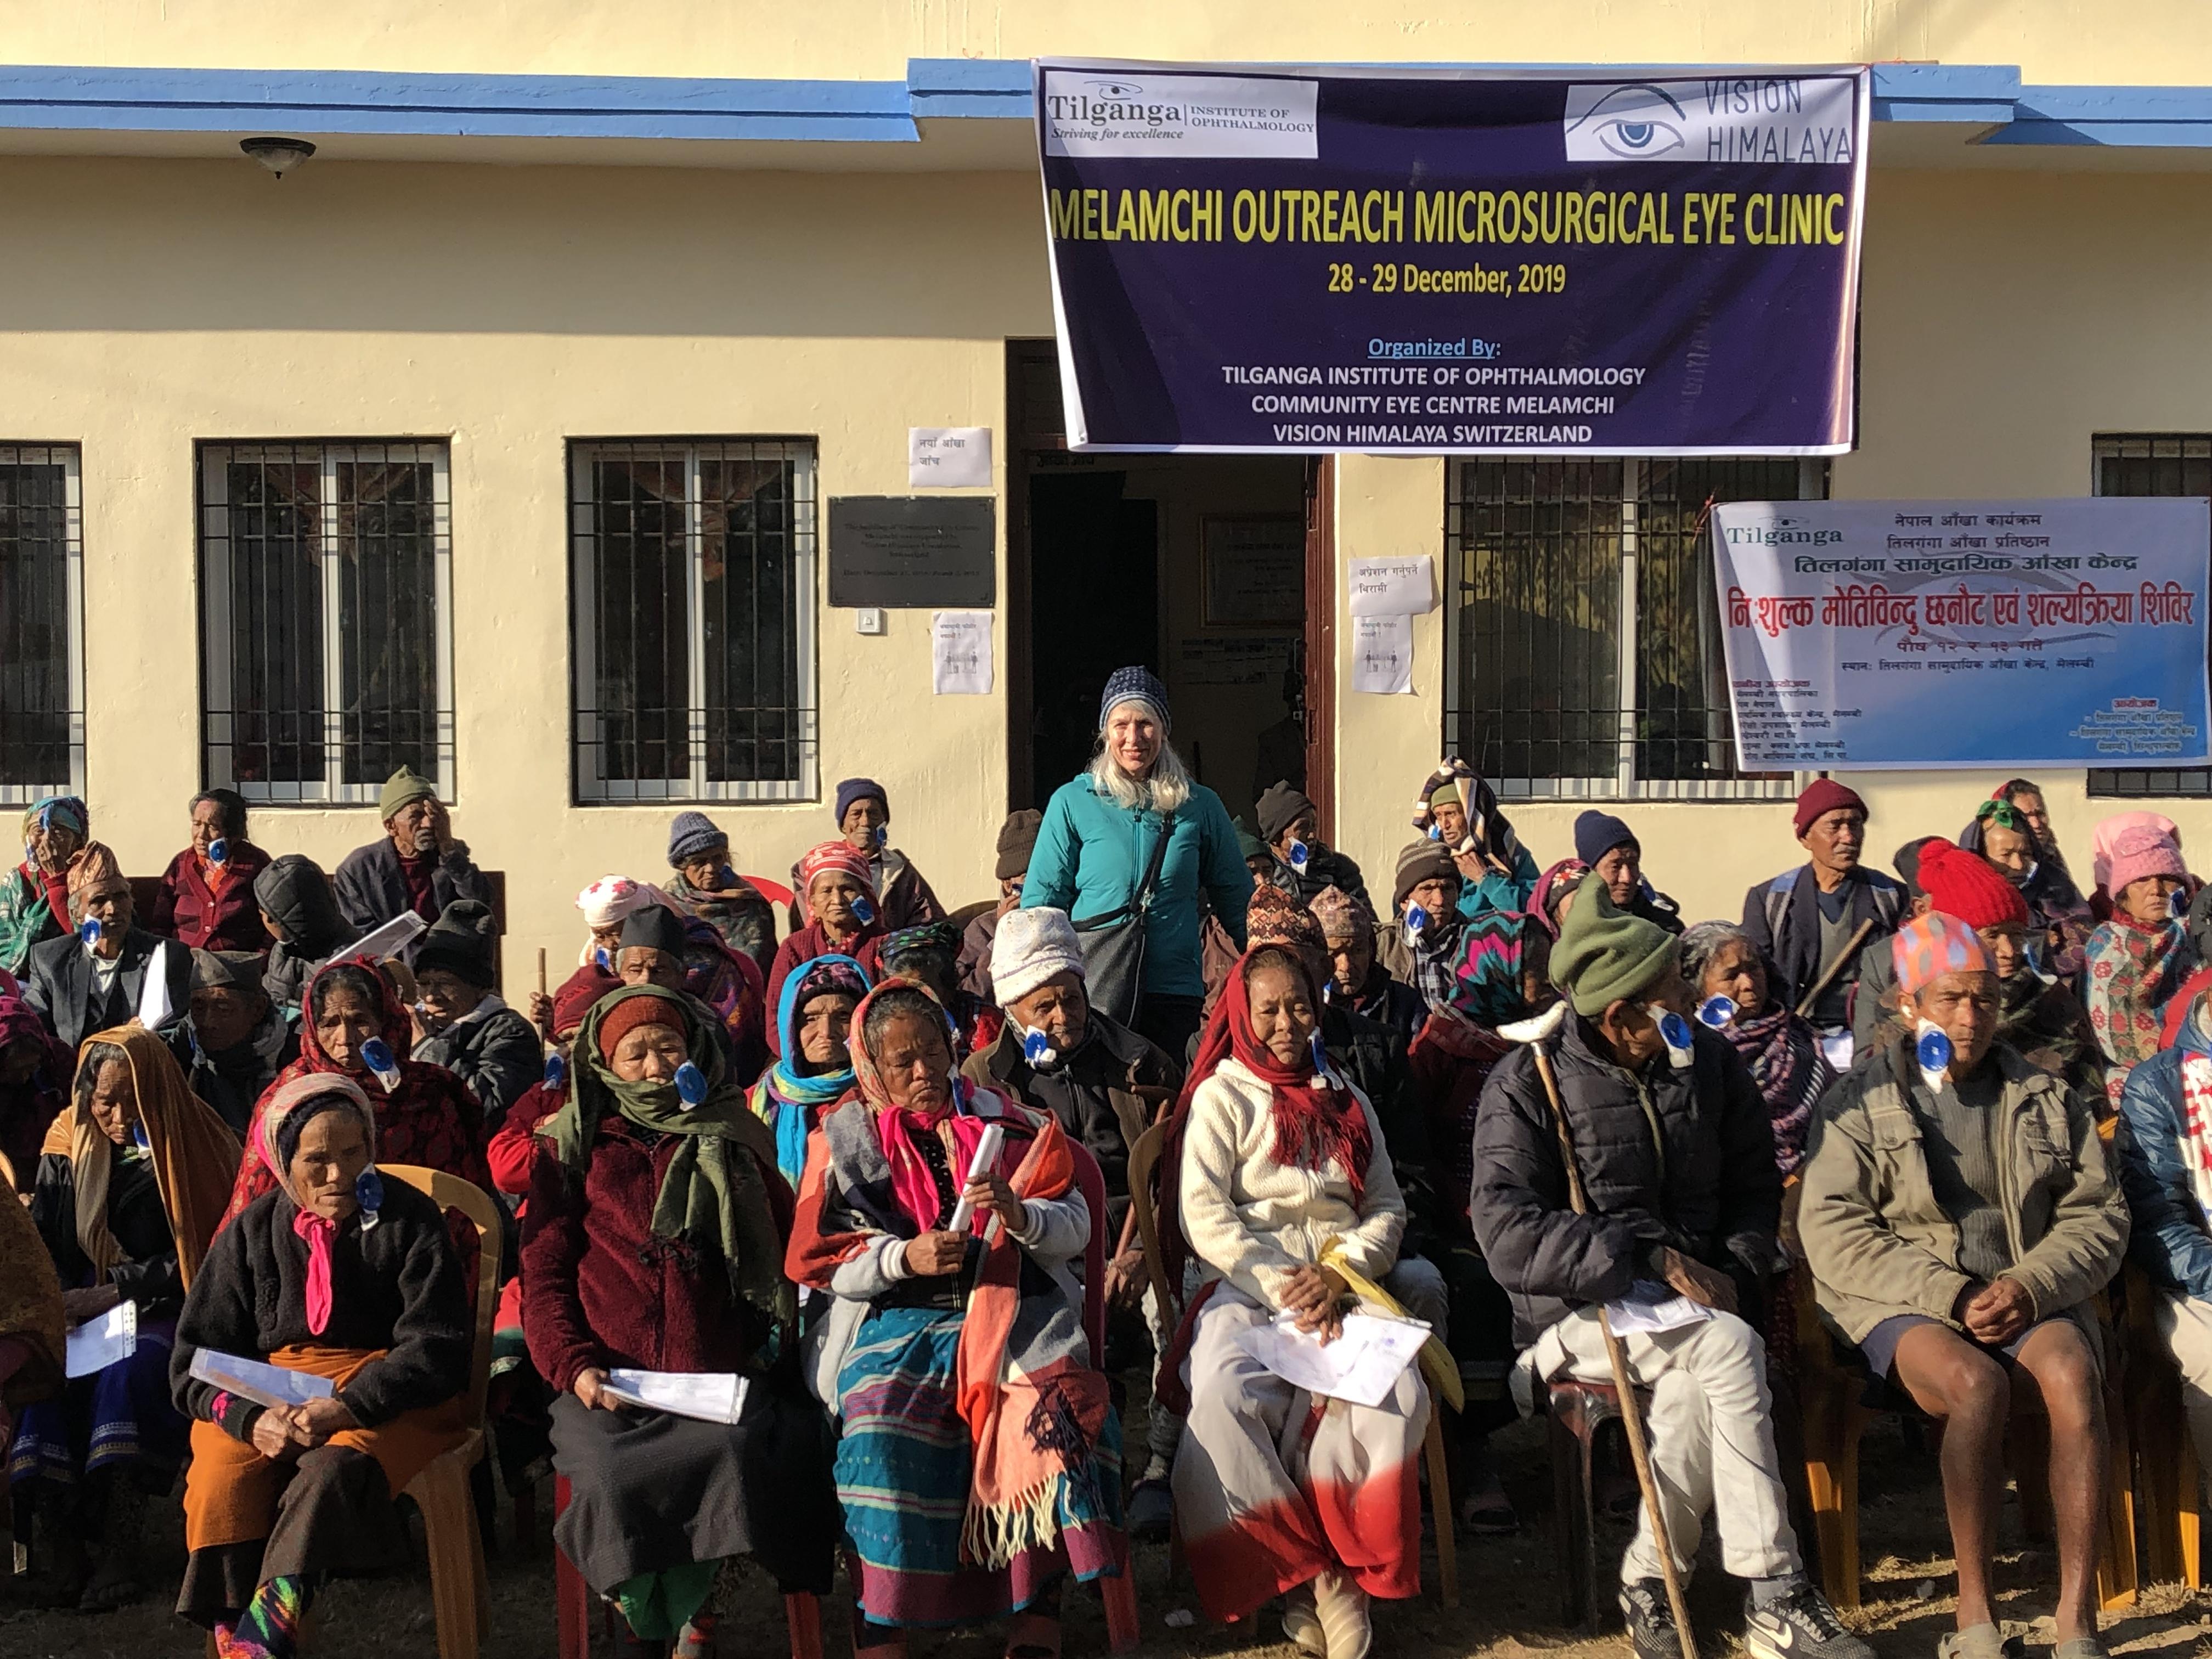 Karin Gross, Mit-Stifterin von Vision Himalaya und ihre Tochter Camilla berichten aus dem Augenzentrum Melamchi und aus Giranchaur, wo mit unserer Hilfe das Dorf wieder aufgebaut wird